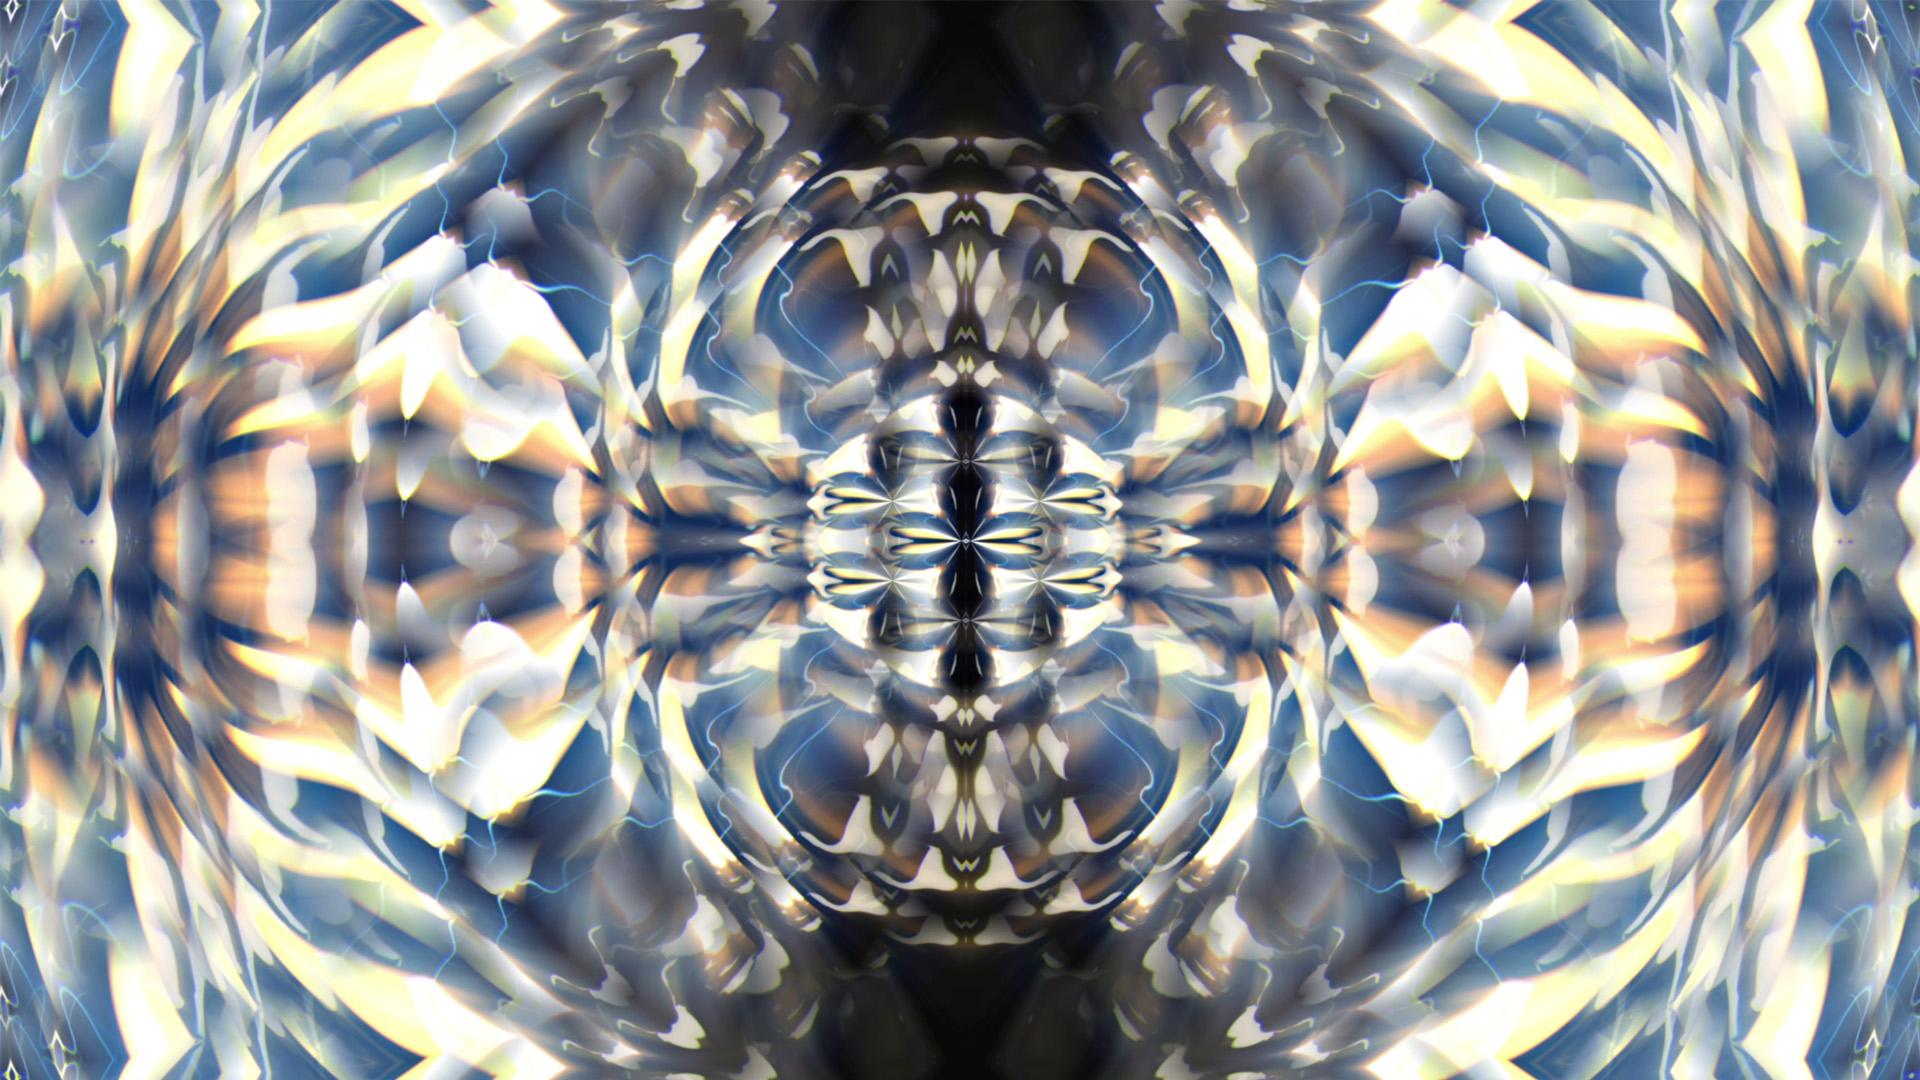 Vj Loops Pack - Liquid Light Design: Download at LIME ART GROUP Shop